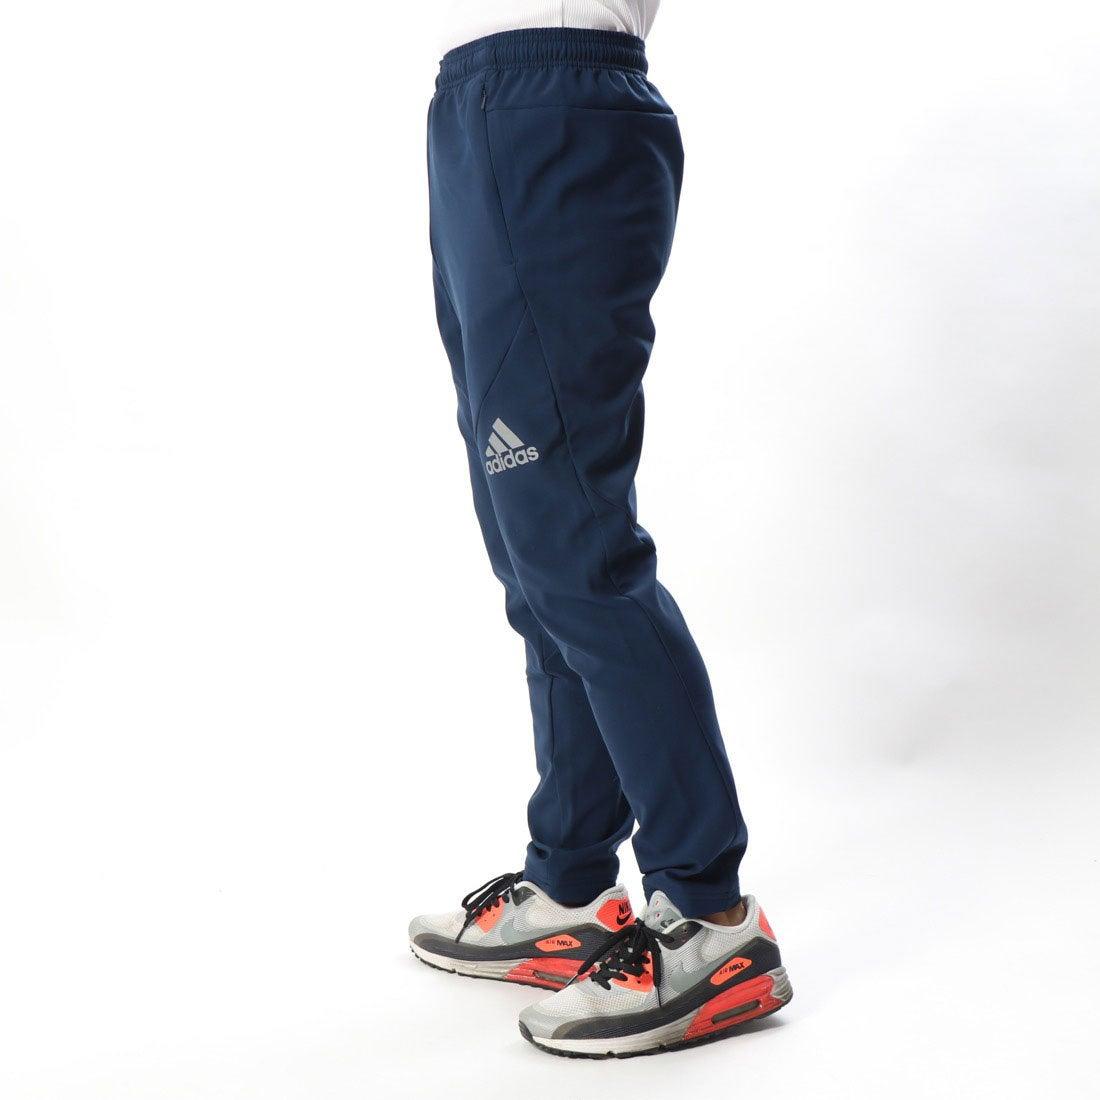 8a773ea4114e82 このアイテムを見ている人におすすめ. アディダス adidas メンズ ウインドパンツ ...